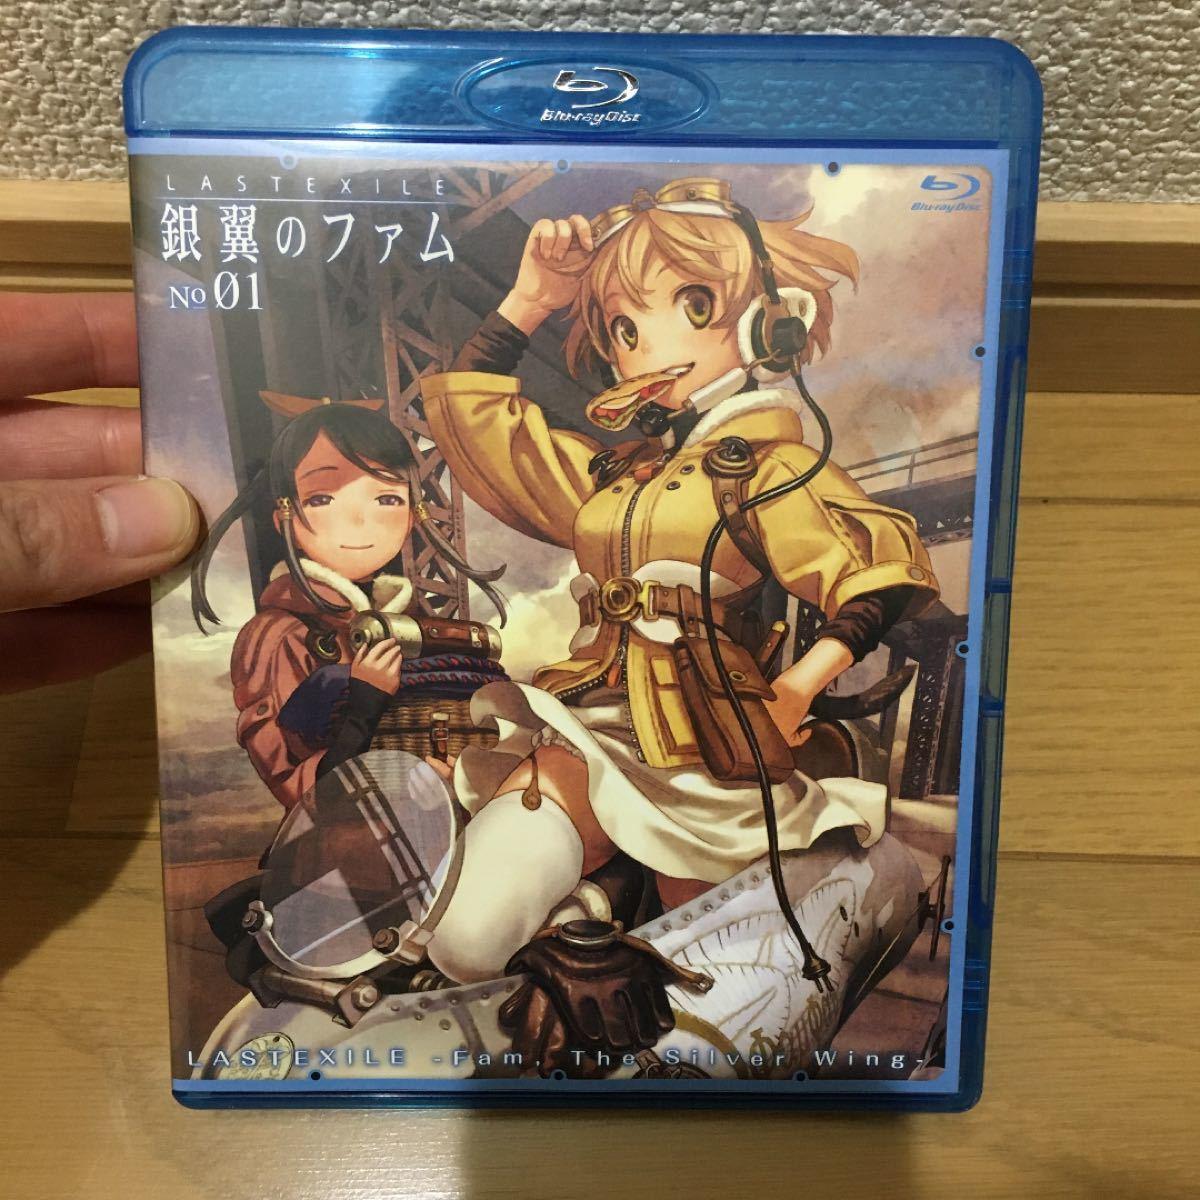 Blu-ray    ラストエグザイル 銀翼のファムNo.01